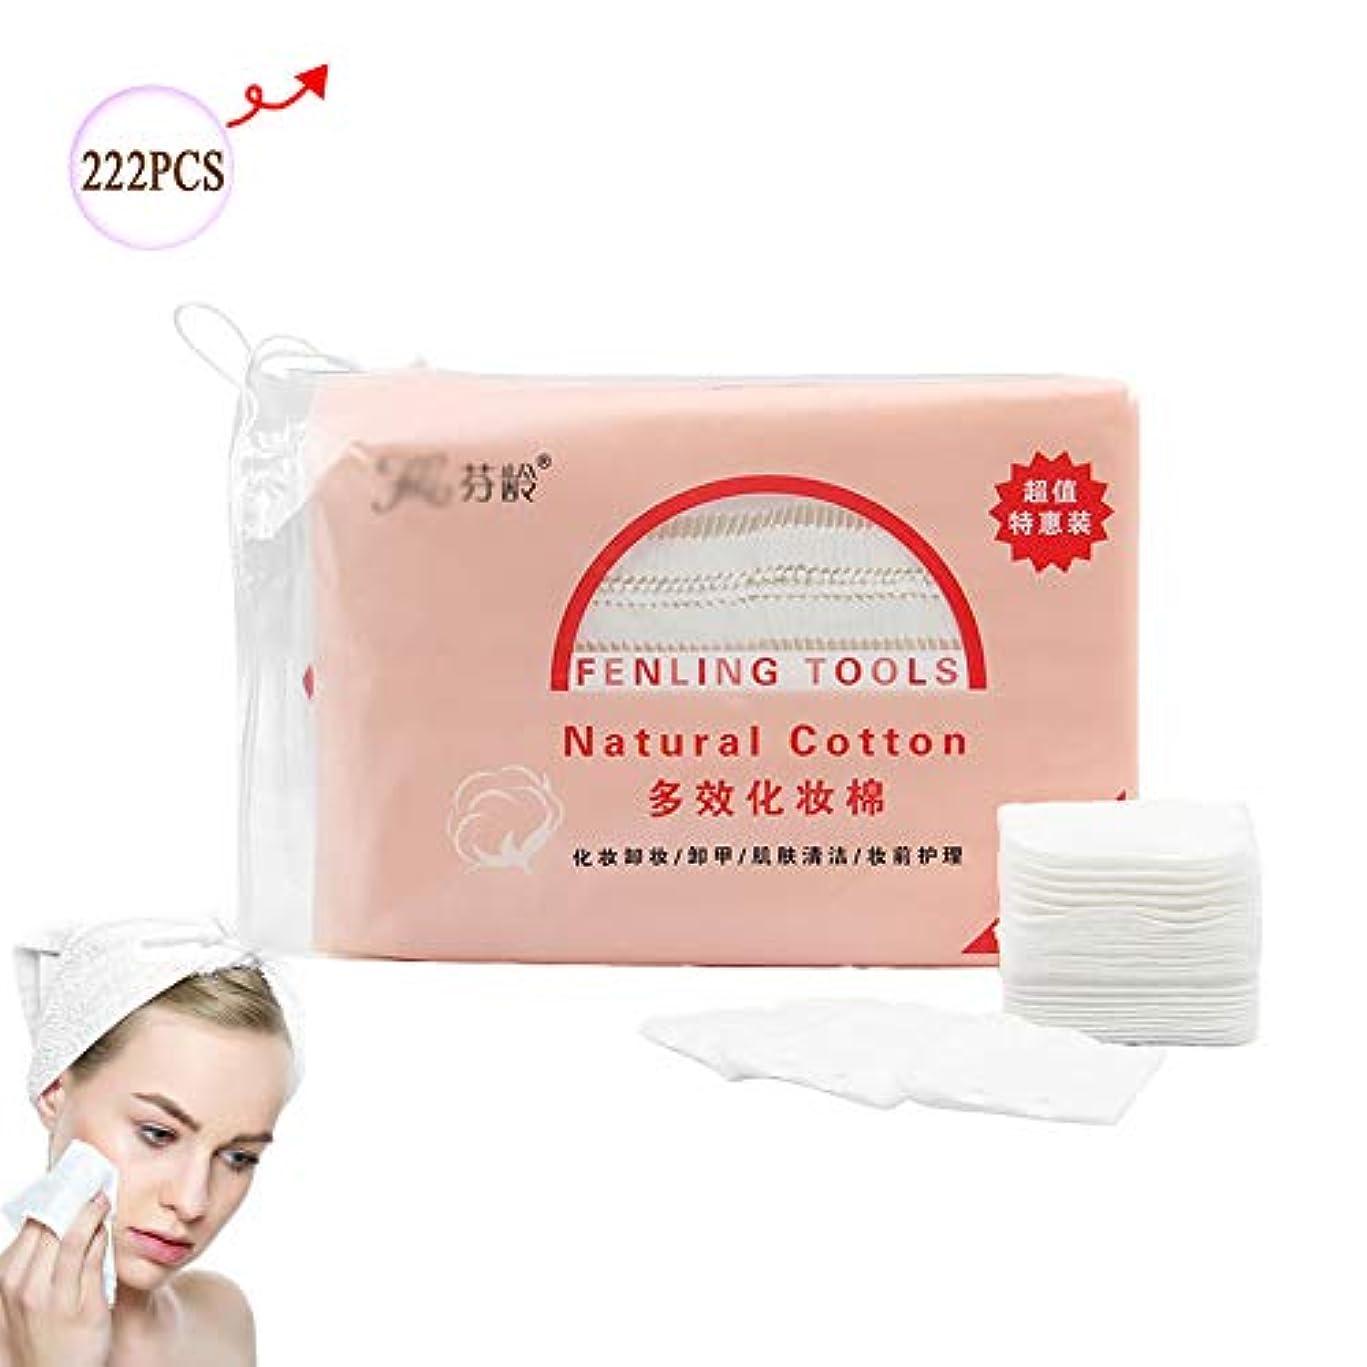 みぞれ夜明け魅惑的なメイク落としパッド、顔用洗顔料コットンパッド洗顔用女性と男性(222PCS)